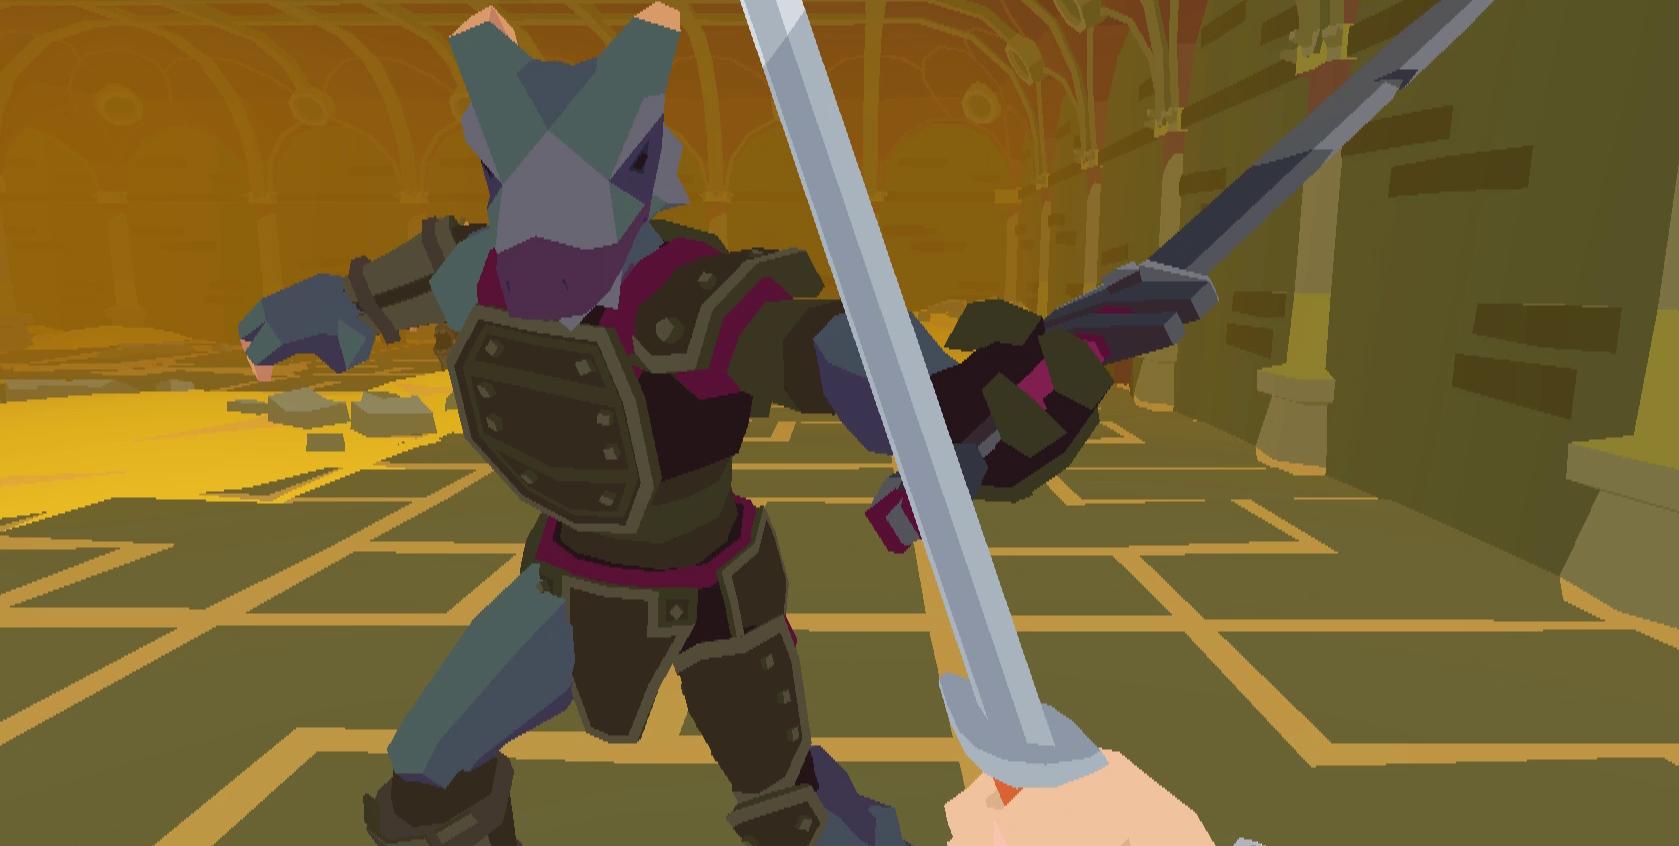 """クレイモアを持った""""あなたのオヤジ""""が暴れ回る『Dad By The Sword』一人称視点のソードアクション"""